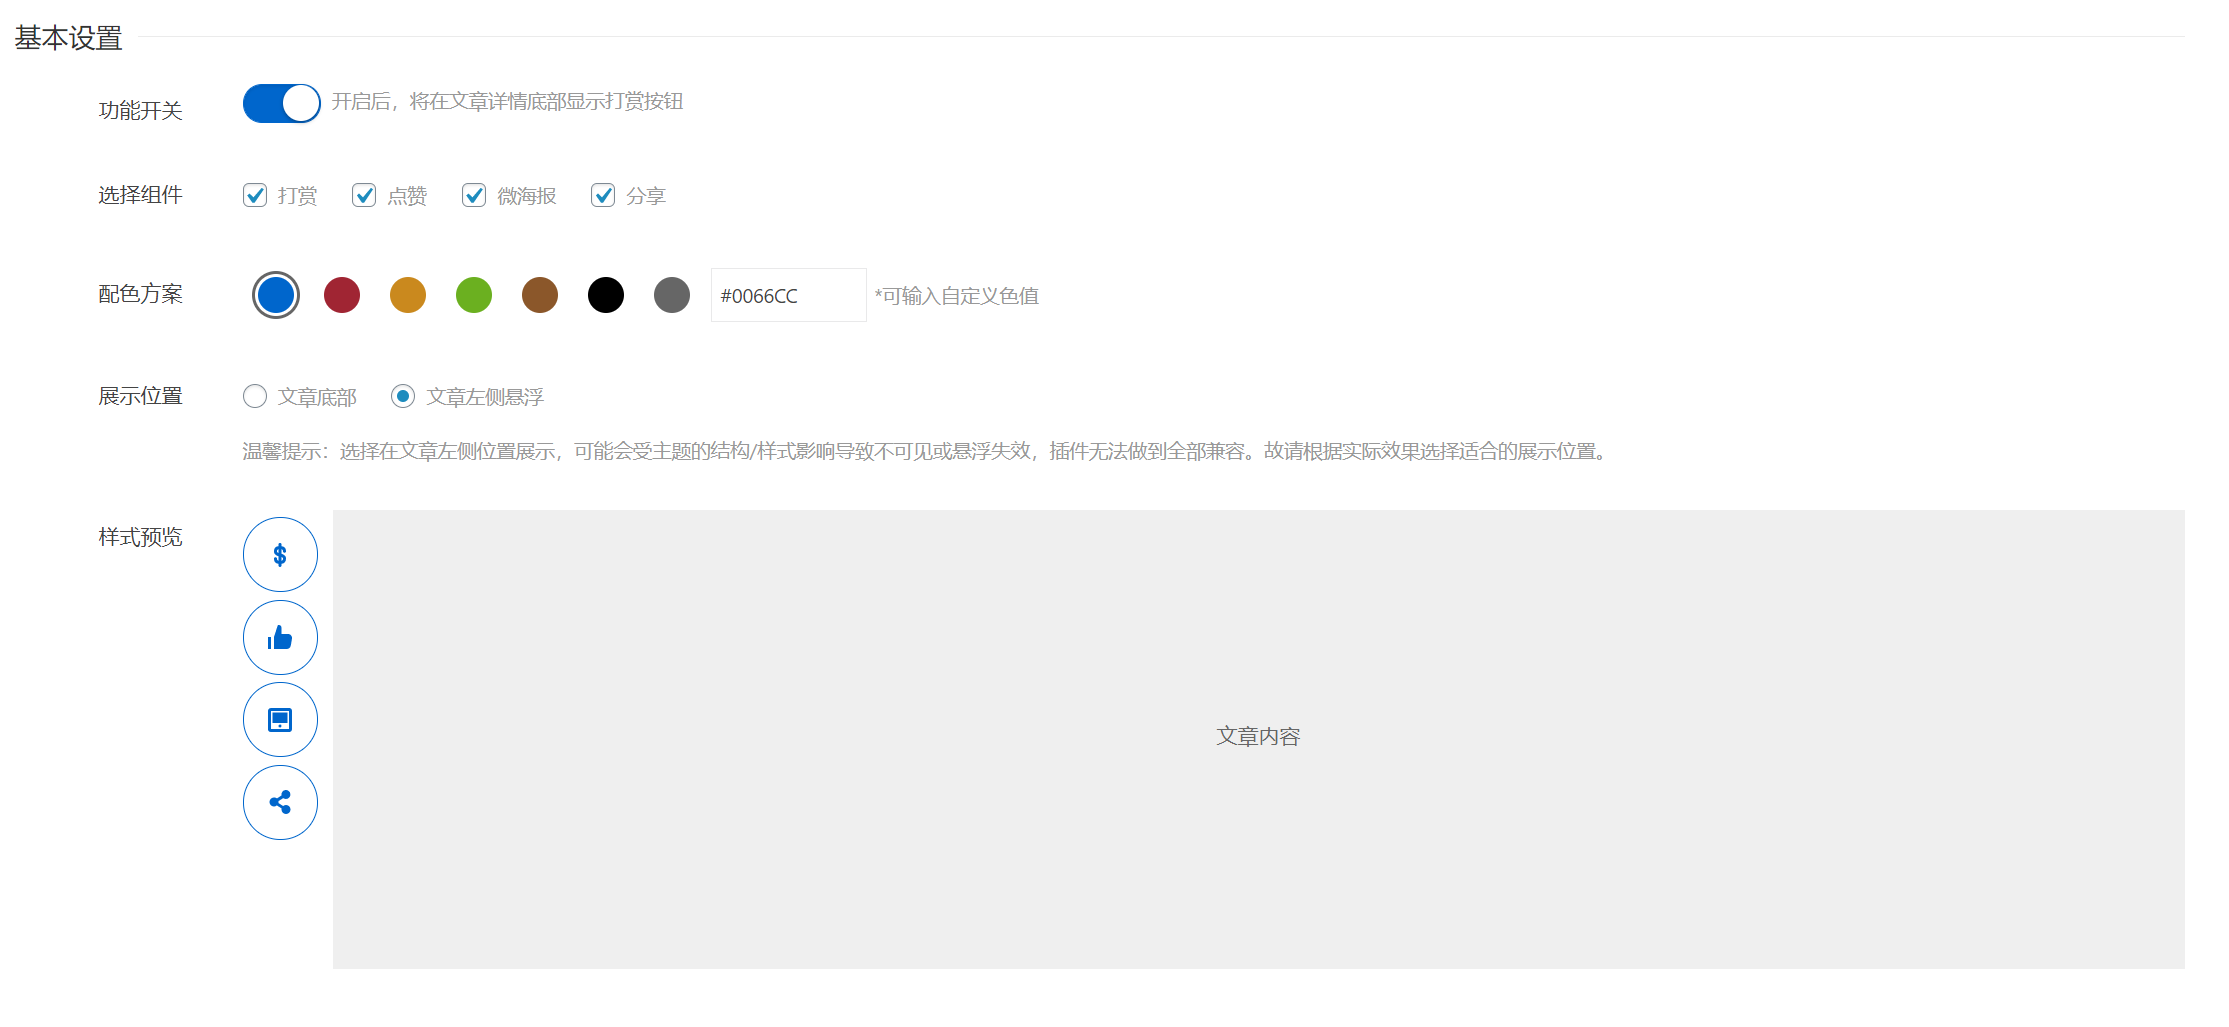 插件基本设置页面截图.